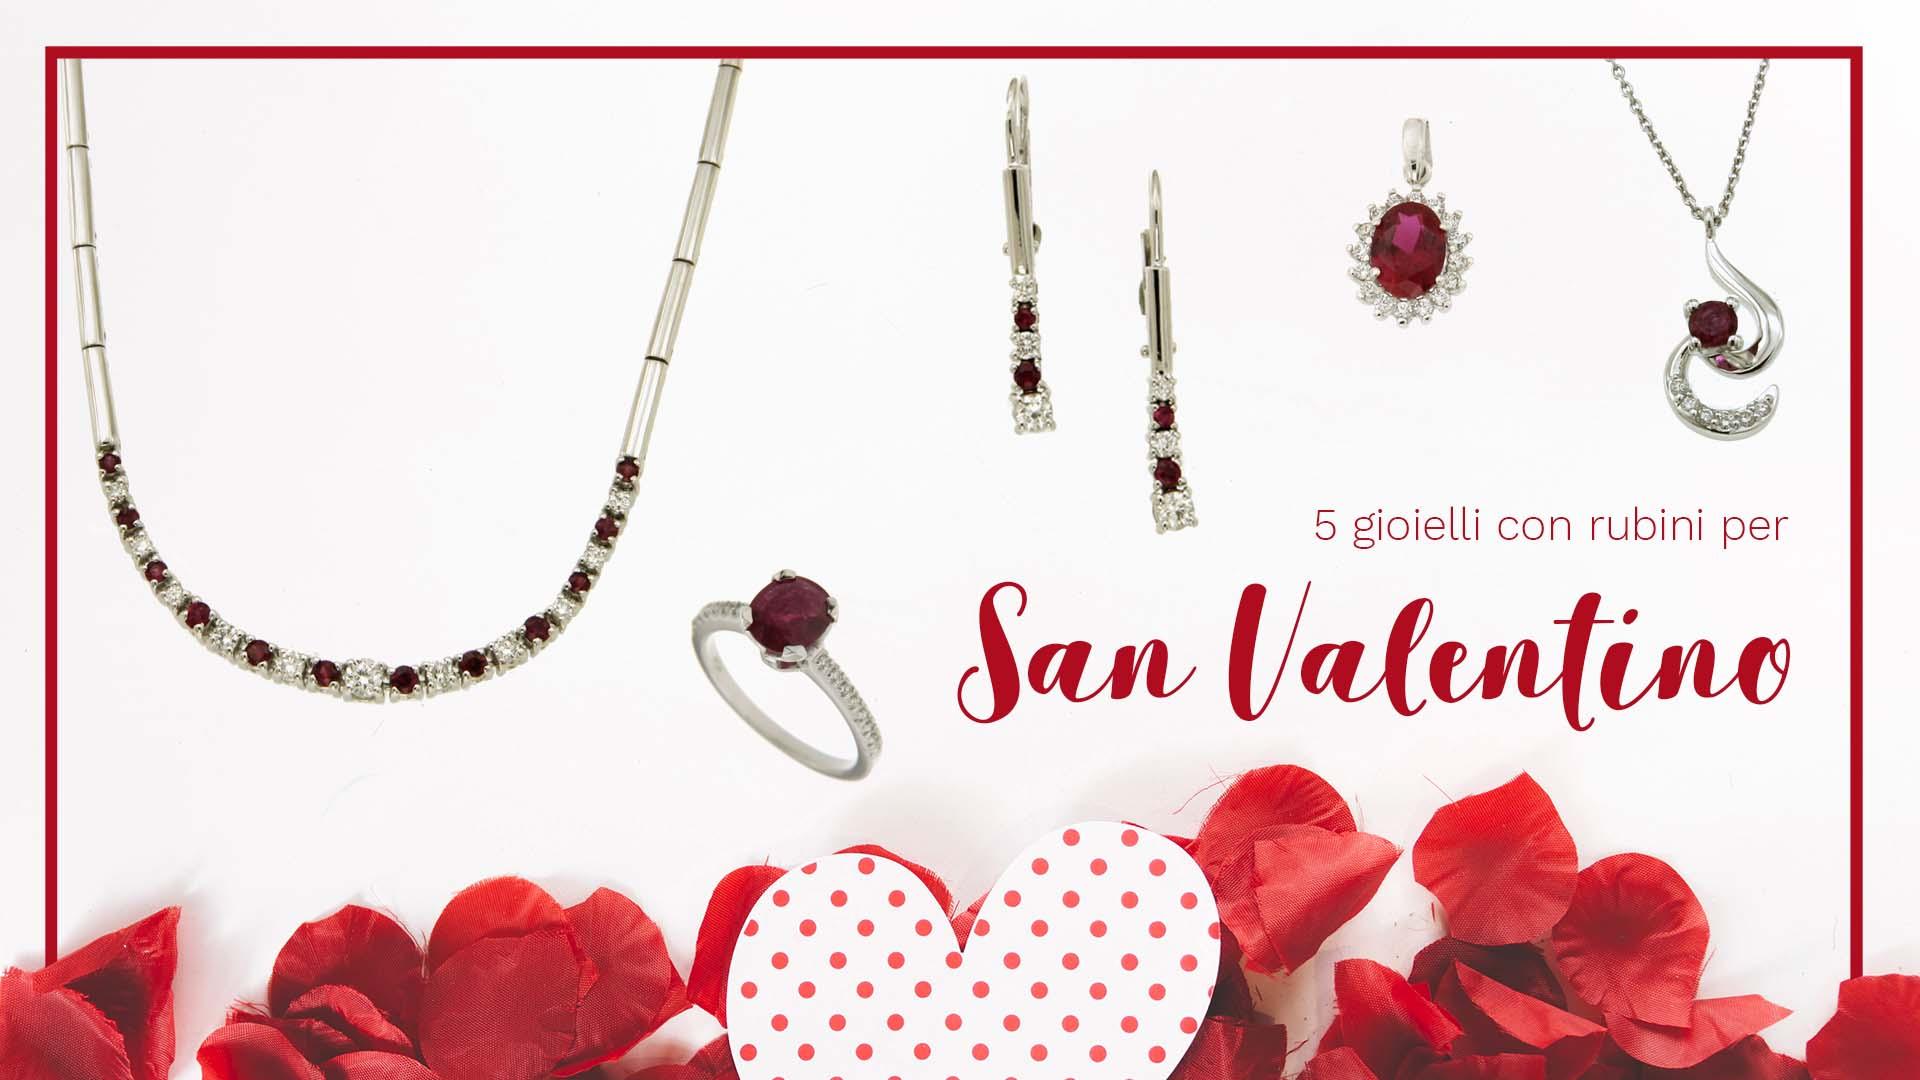 Gioielli con rubini per San Valentino: gioielli su sfondo bianco con petali di rose e cuore di carta